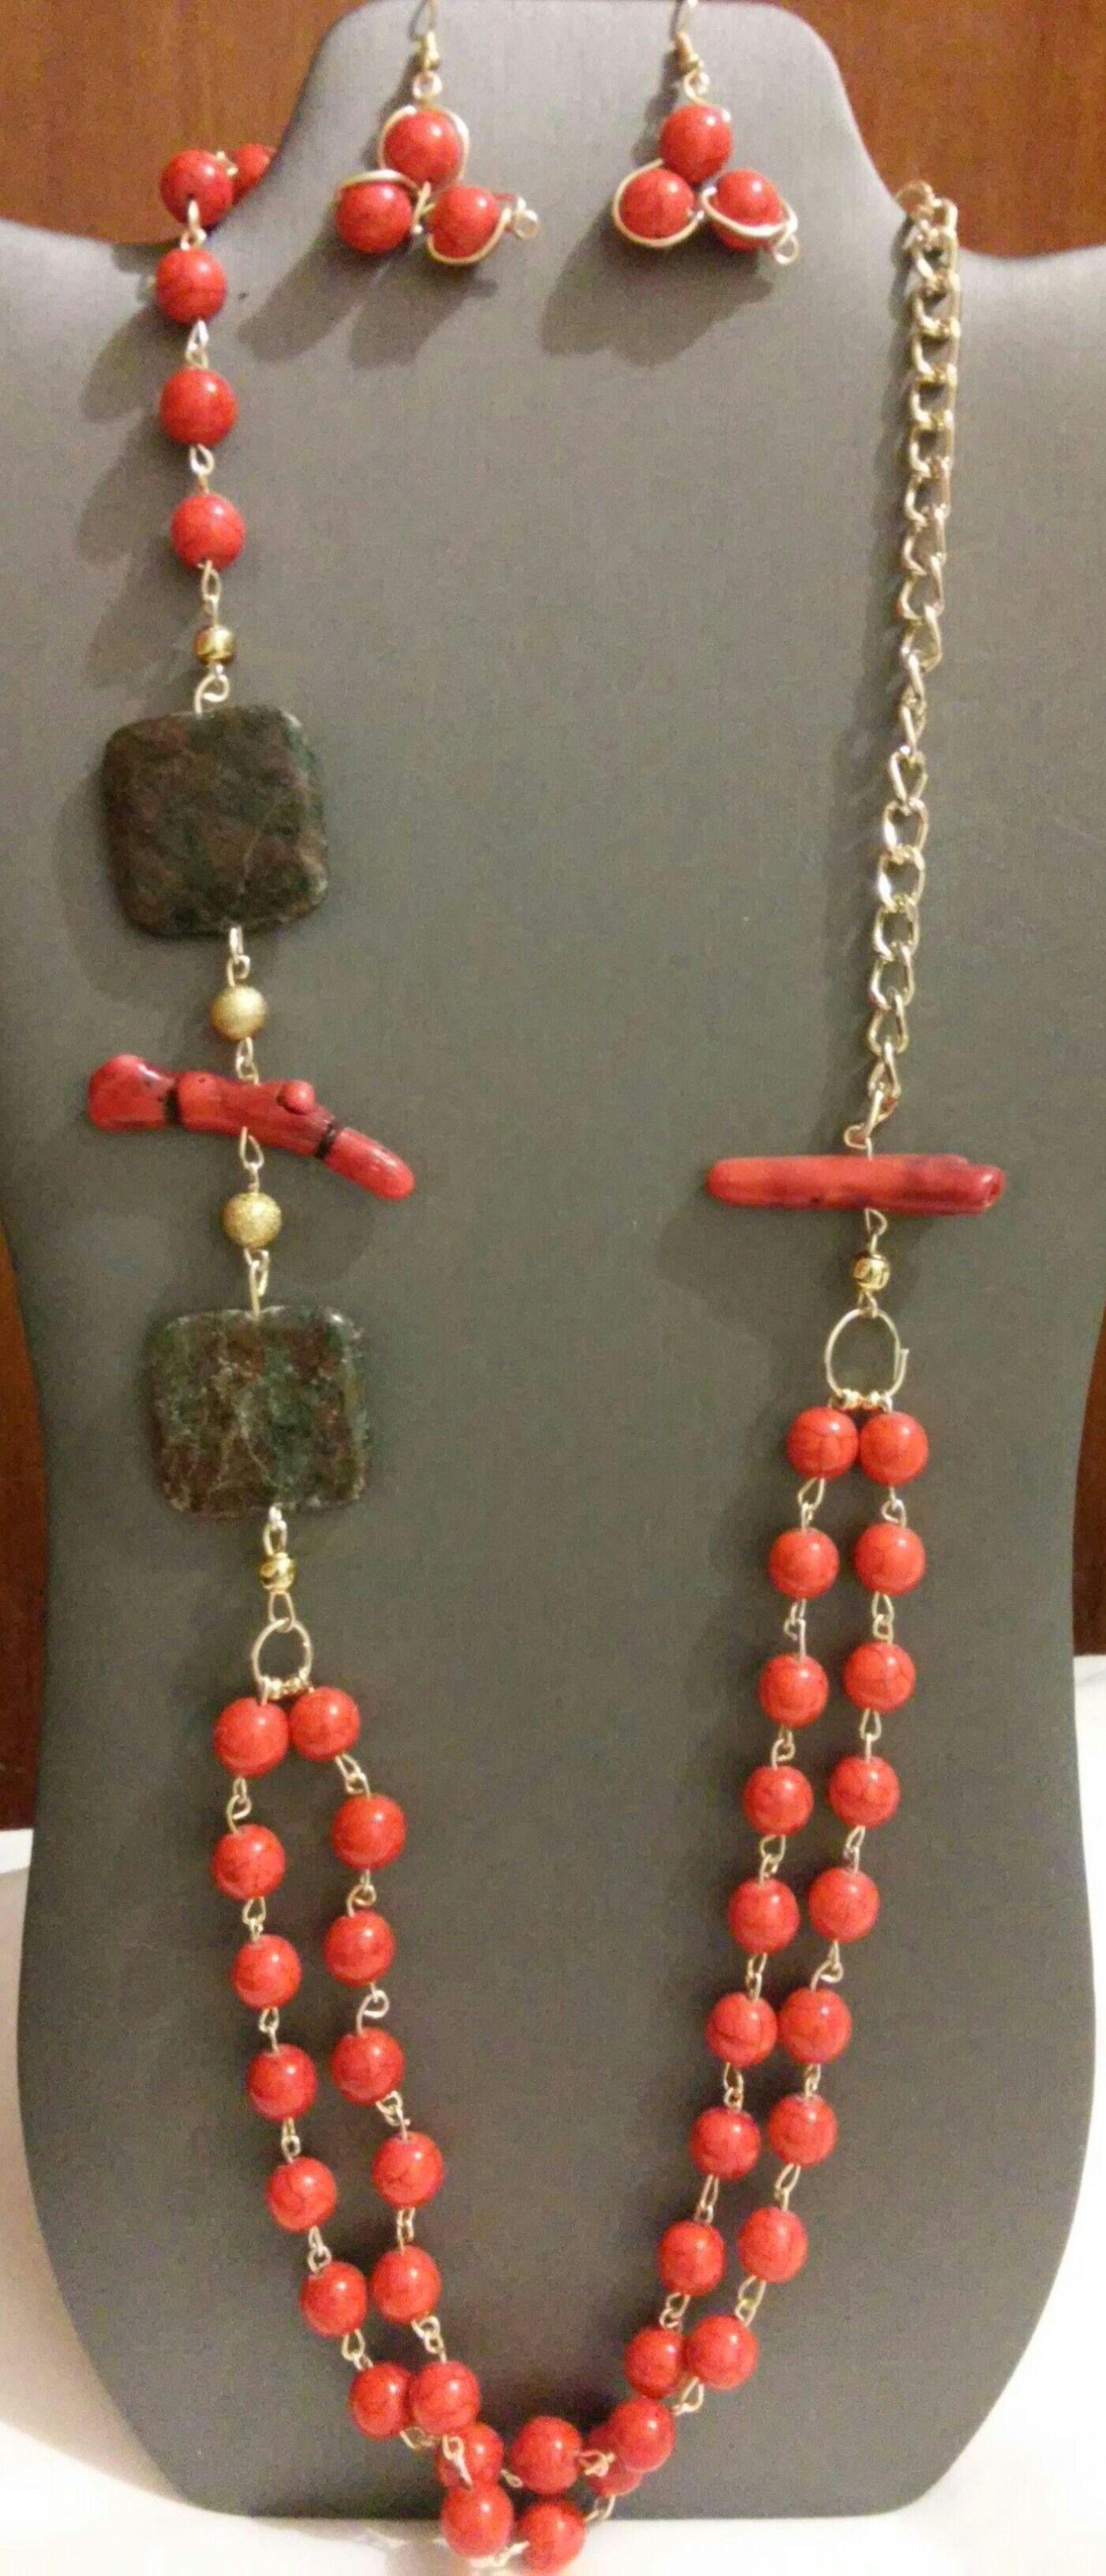 6421df5c088a Collar largo en alambrismo con agata roja